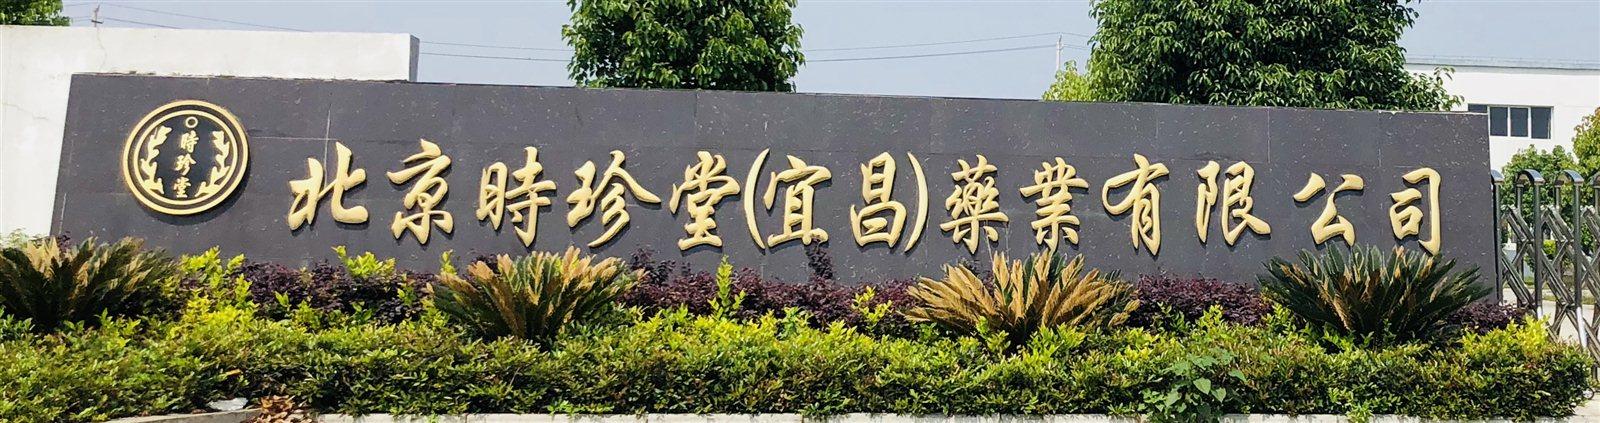 北京时珍堂(宜昌)药业有限公司